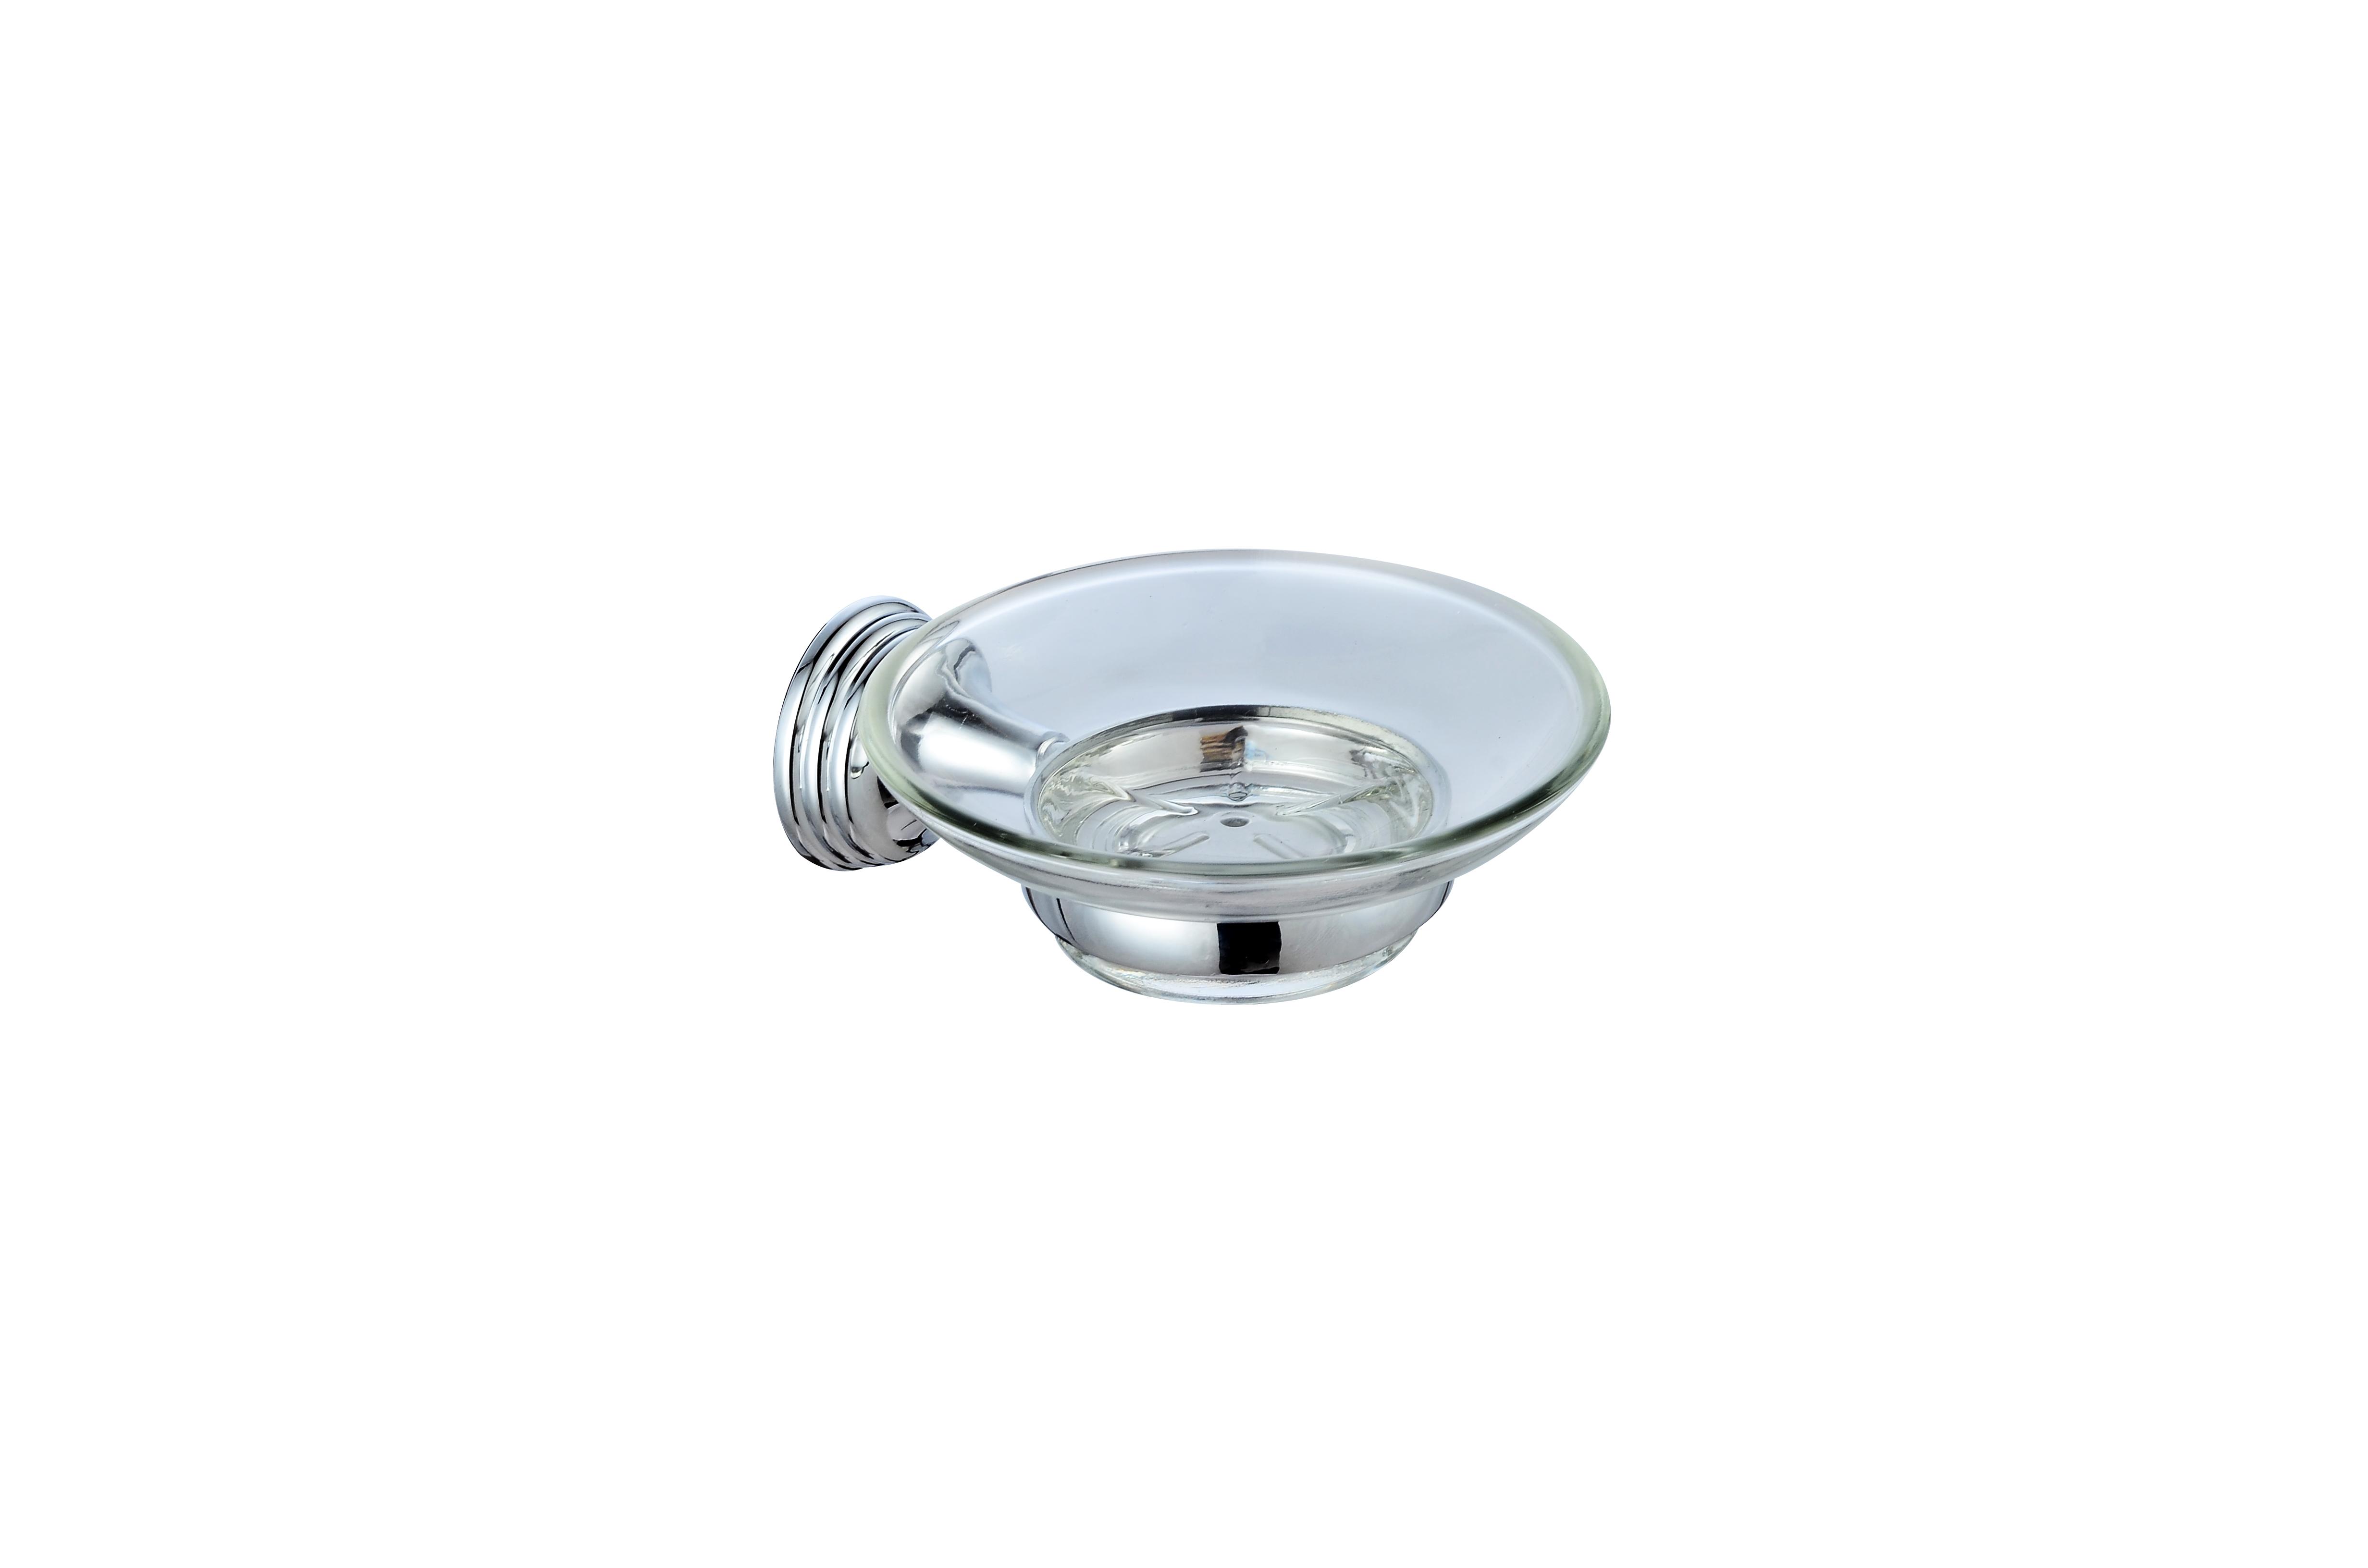 Современный 6 шт. ванная комната роскошные аксессуары для ванной комнаты Комплект NBYT-60900